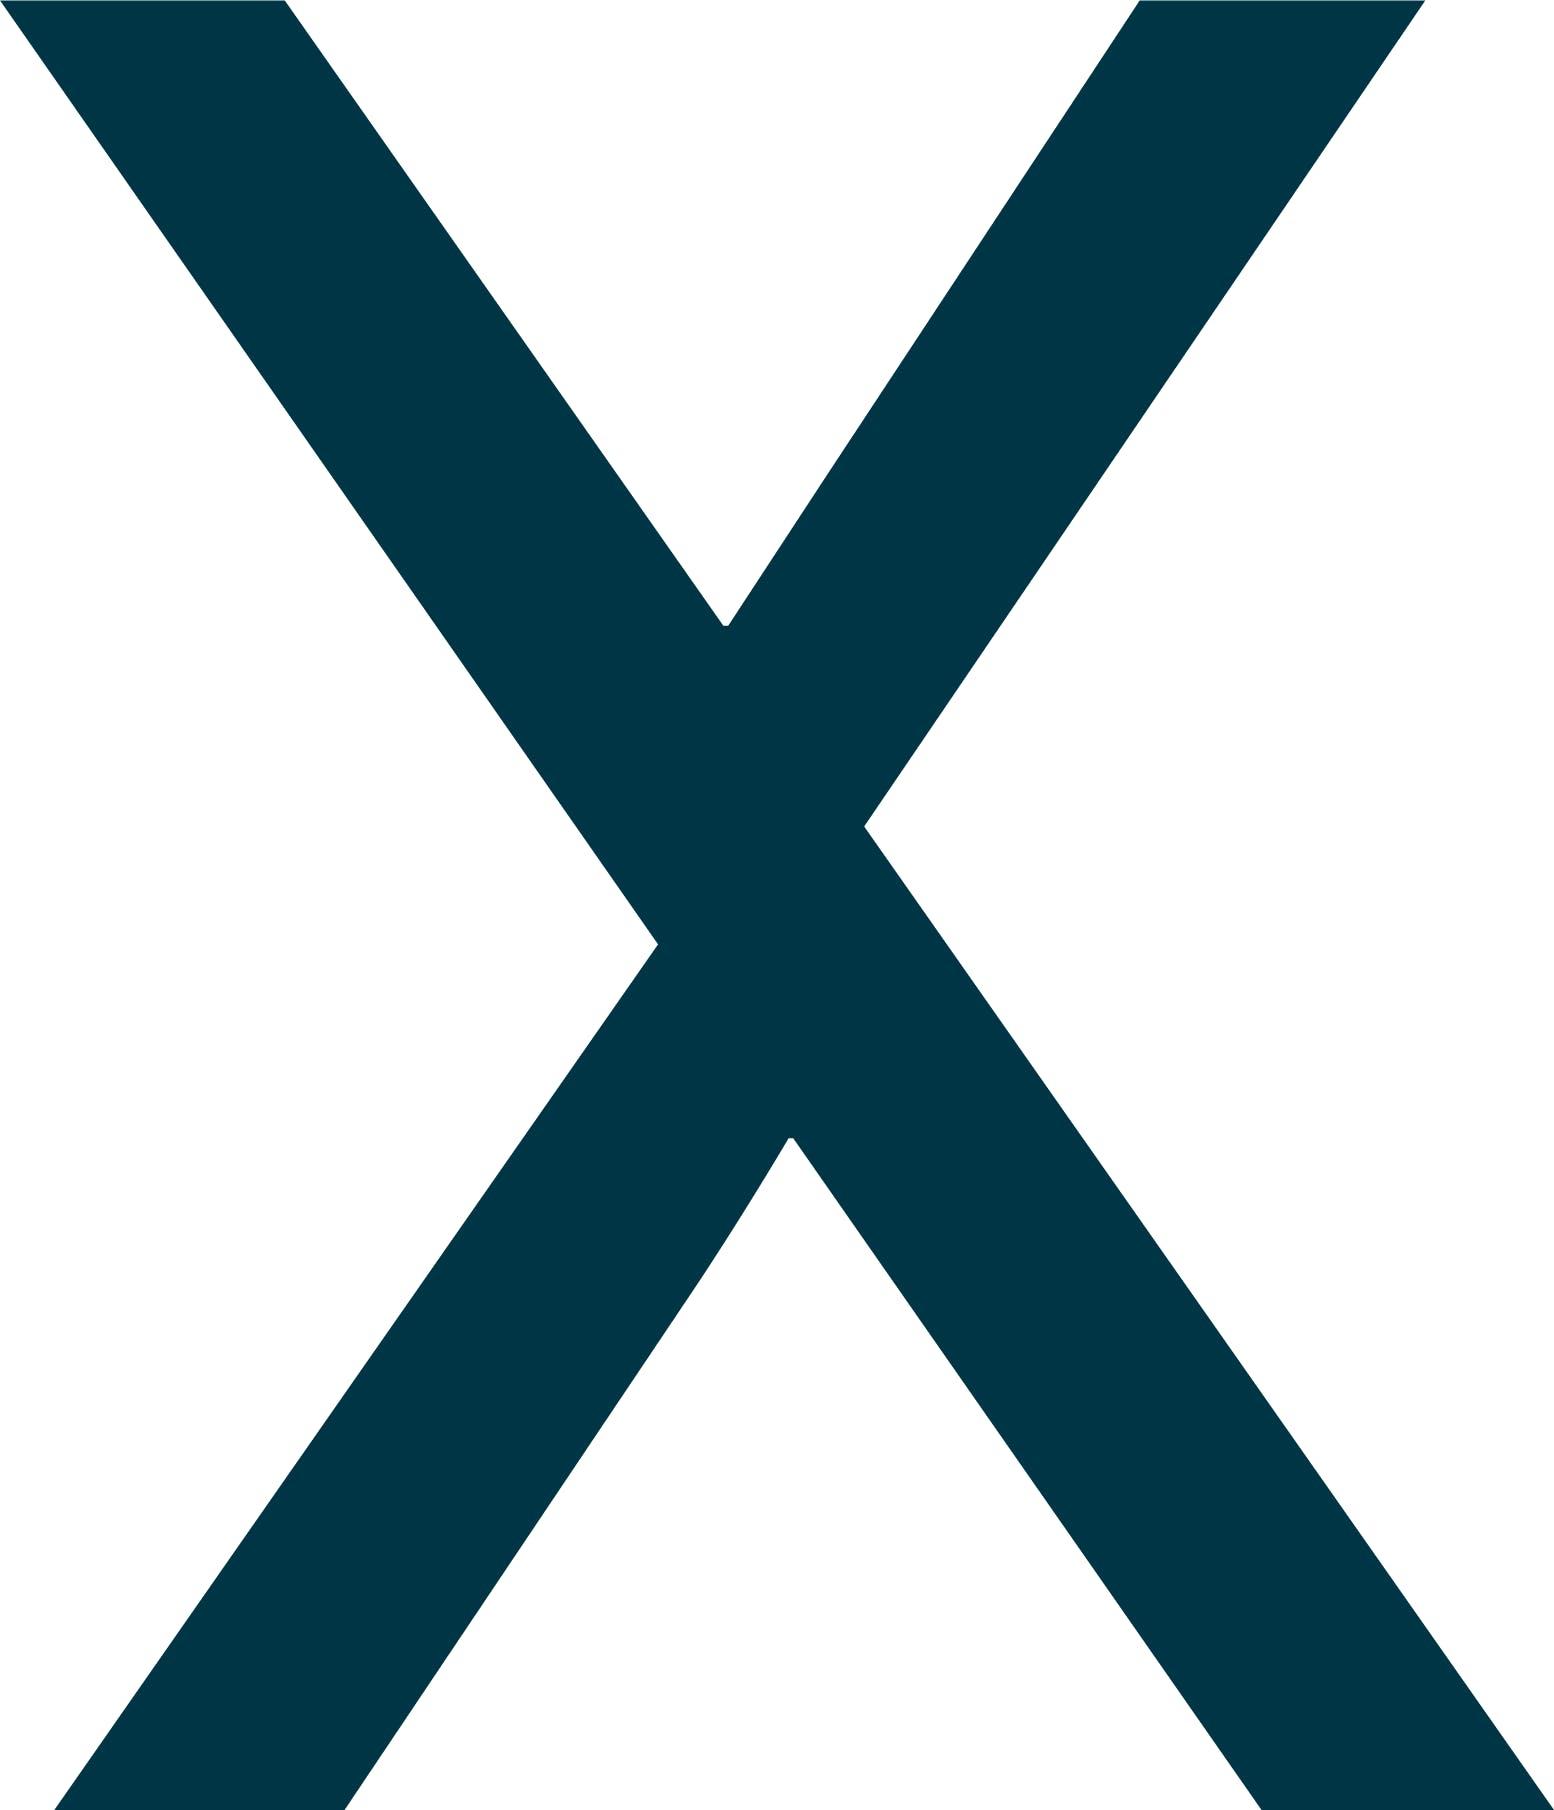 Pier X partner Flexspace